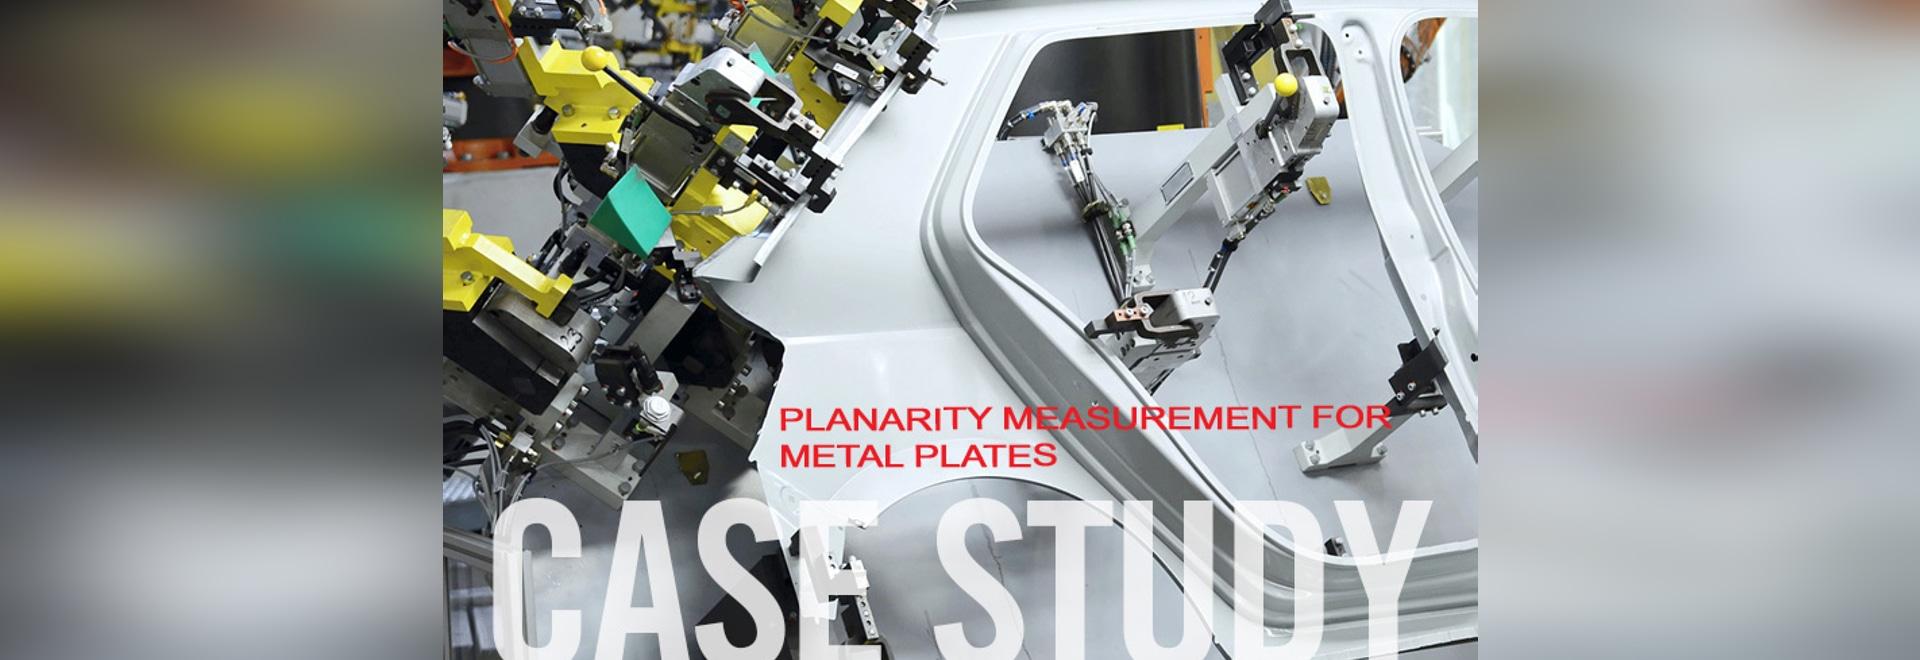 Mesure de Planarity pour des plaques de métal